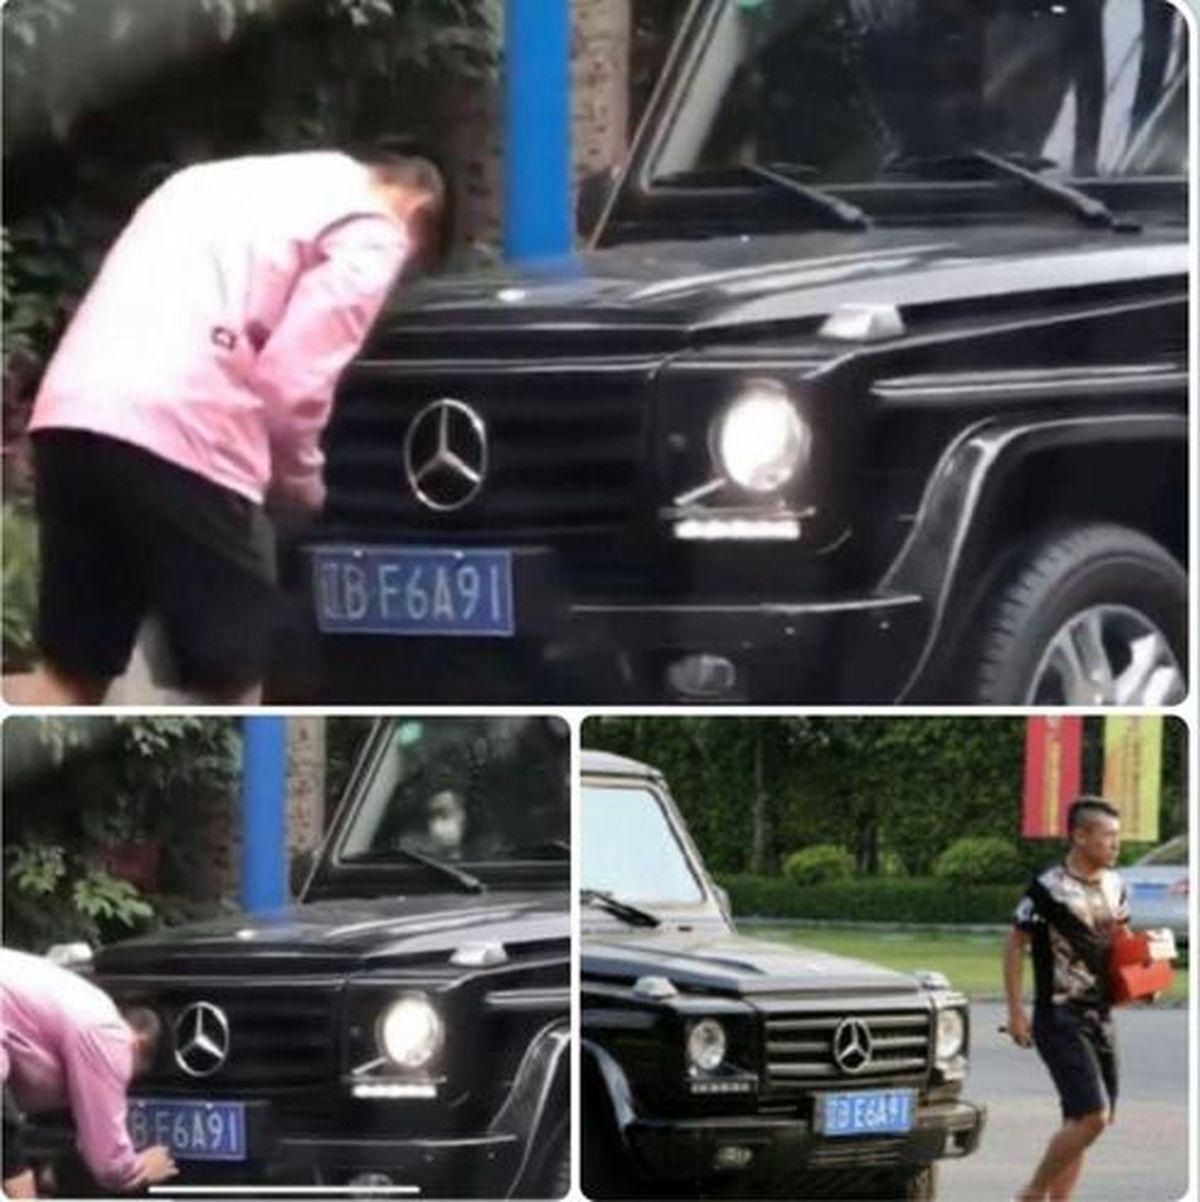 اخراج یک فوتبالیست به دلیل مخدوش کردن پلاک خودرو! +عکس